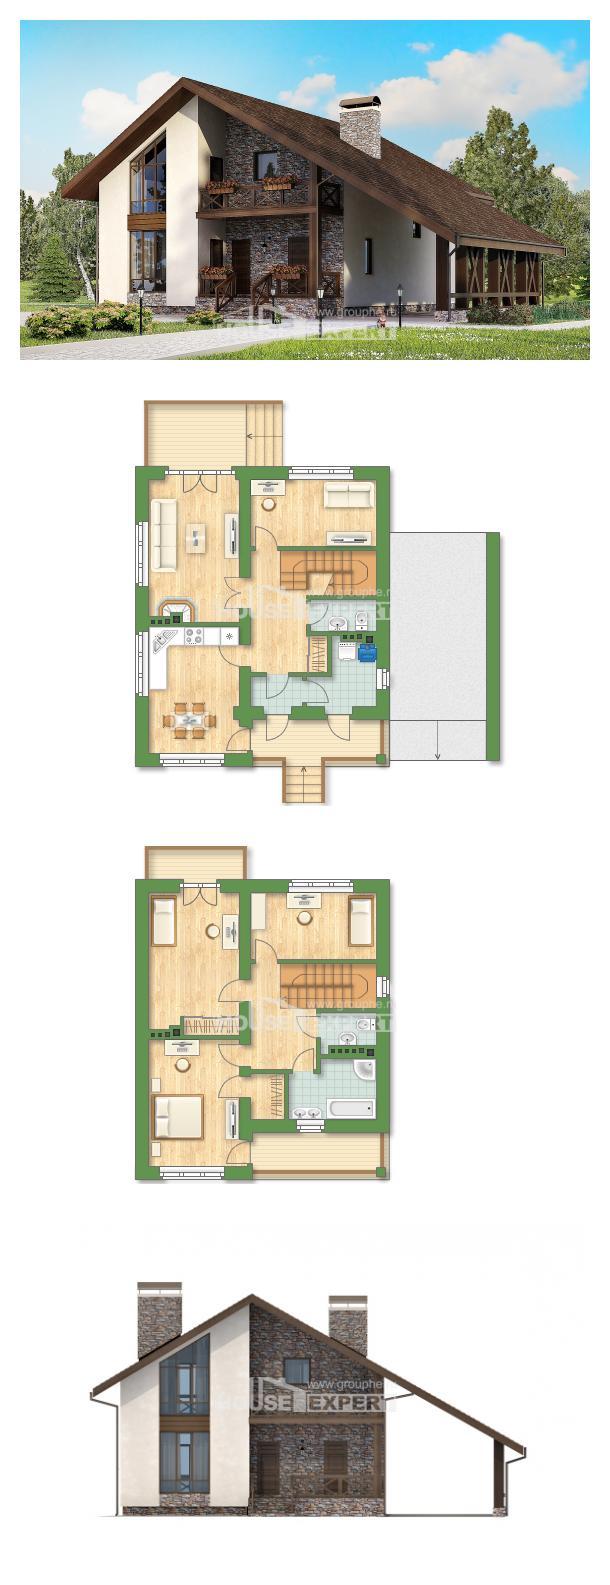 Plan 155-007-R | House Expert